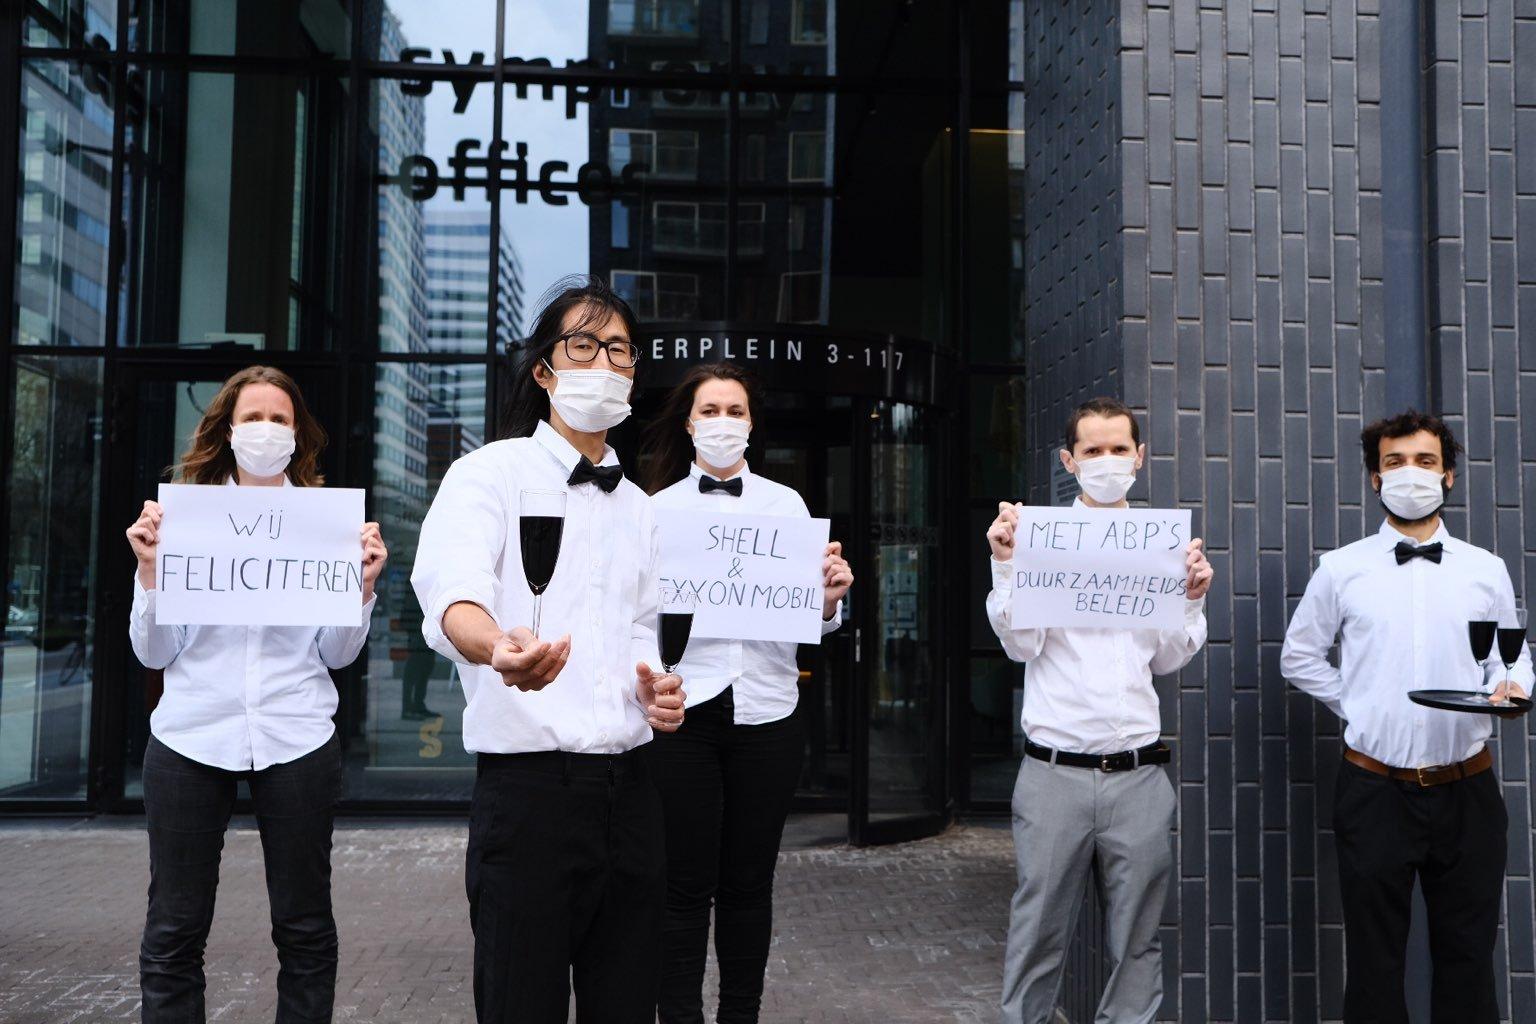 ABP deelnemers 'feliciteren' Shell en Exxon met duurzaamheidsbeleid van hun pensioenfonds